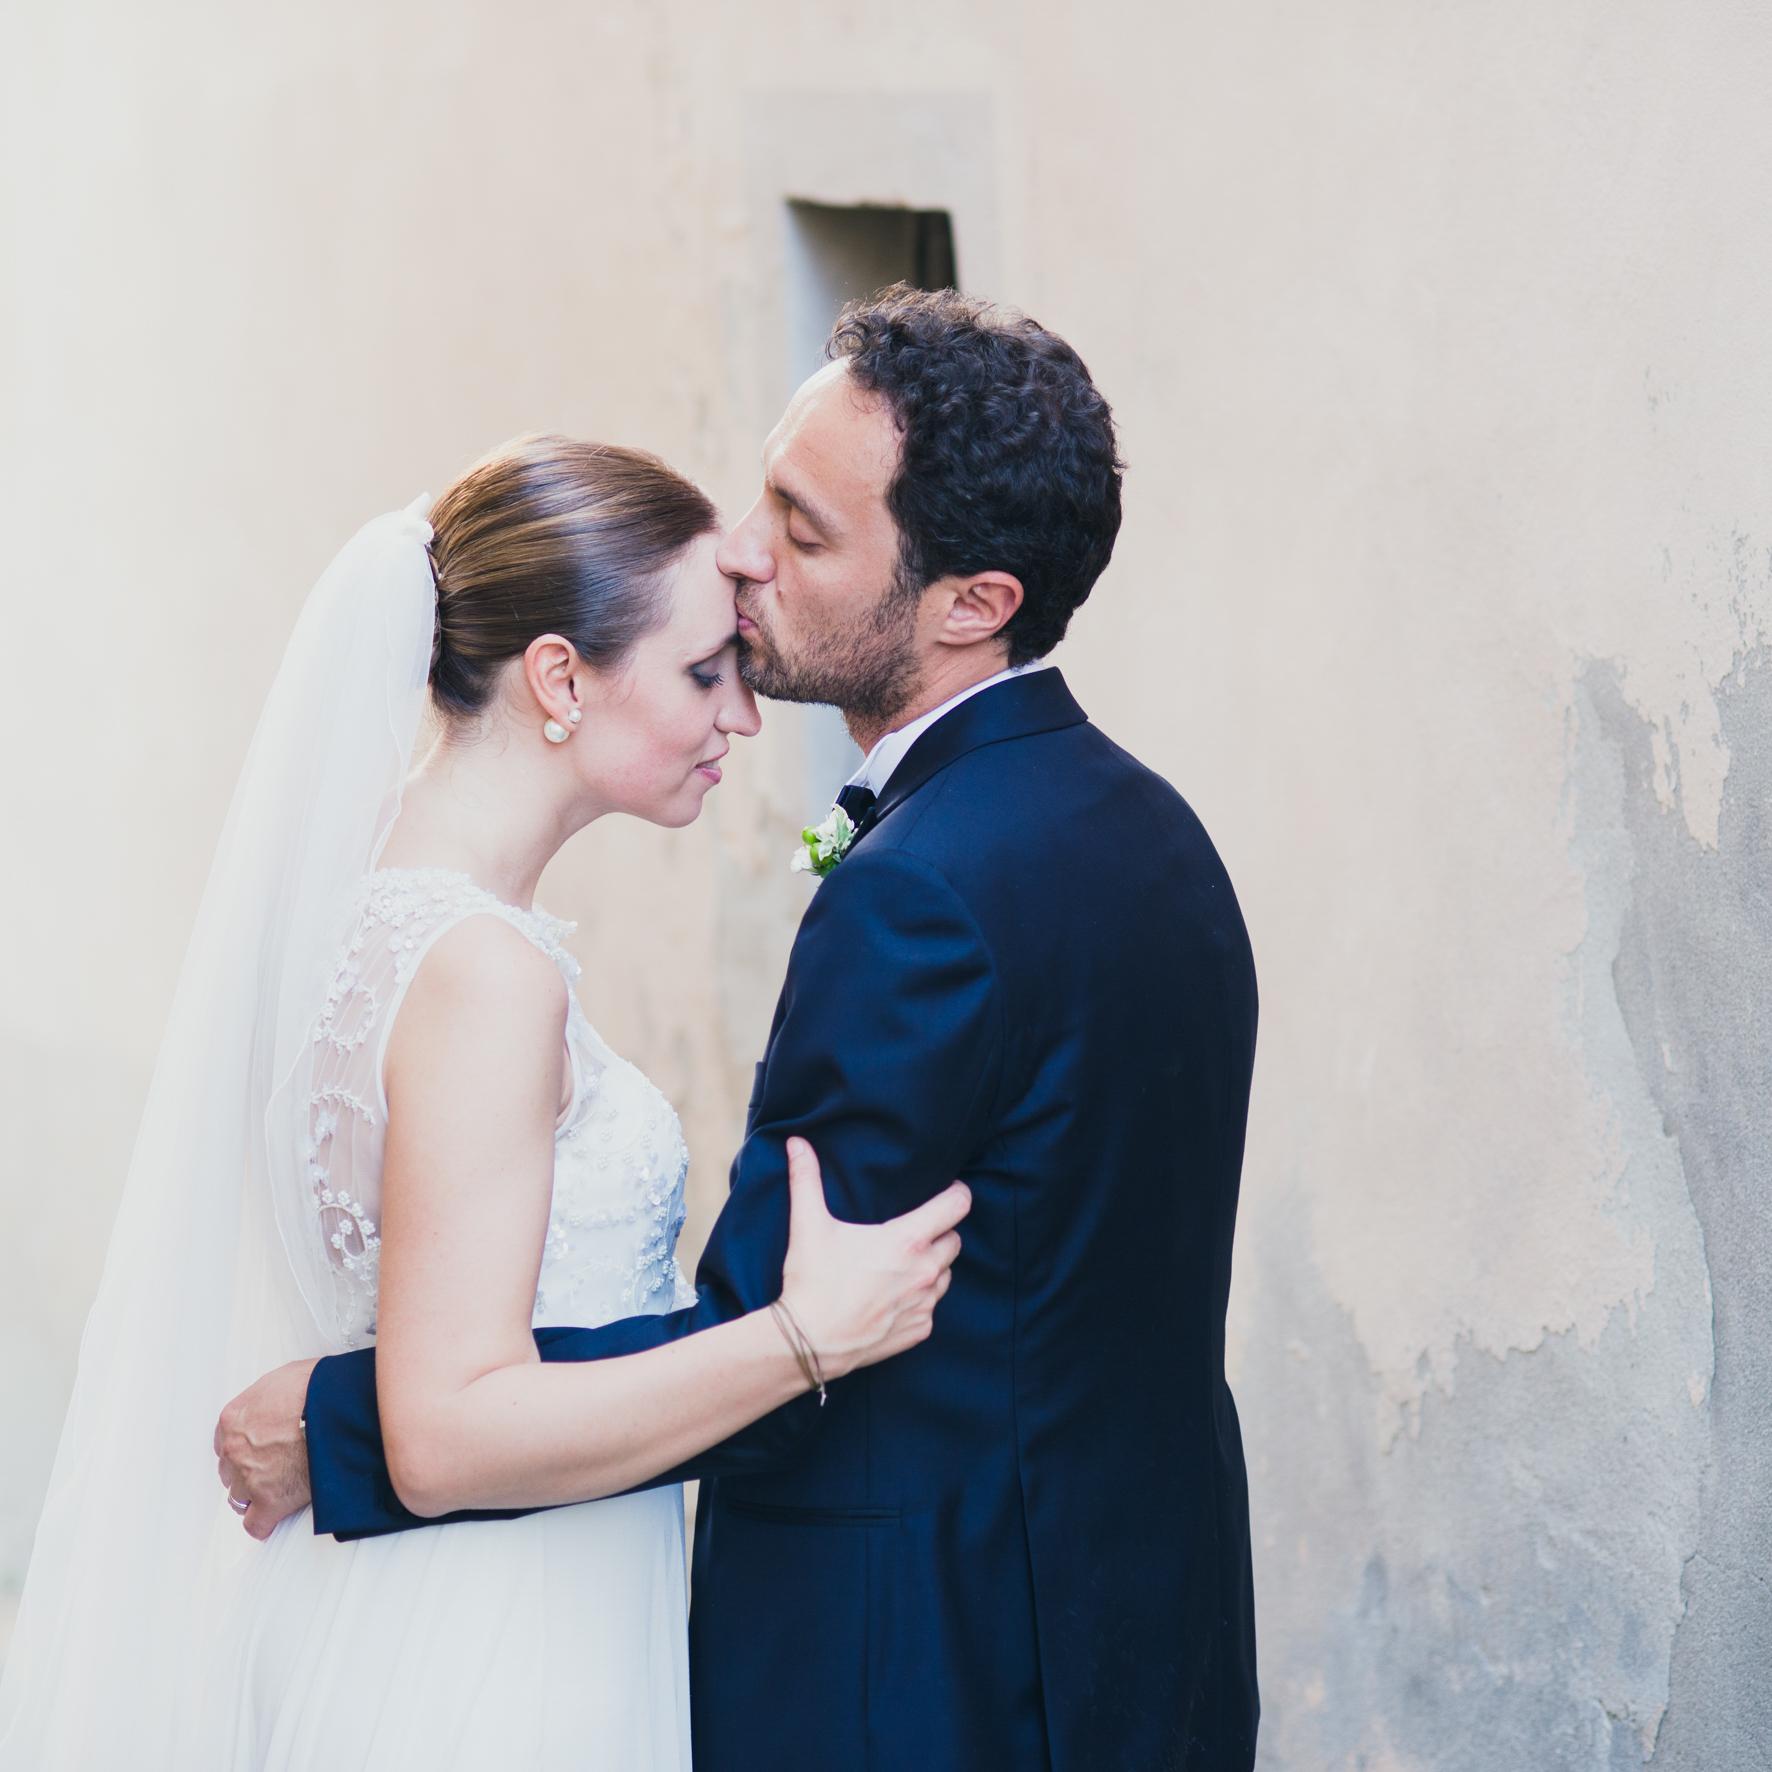 matrimoni-140